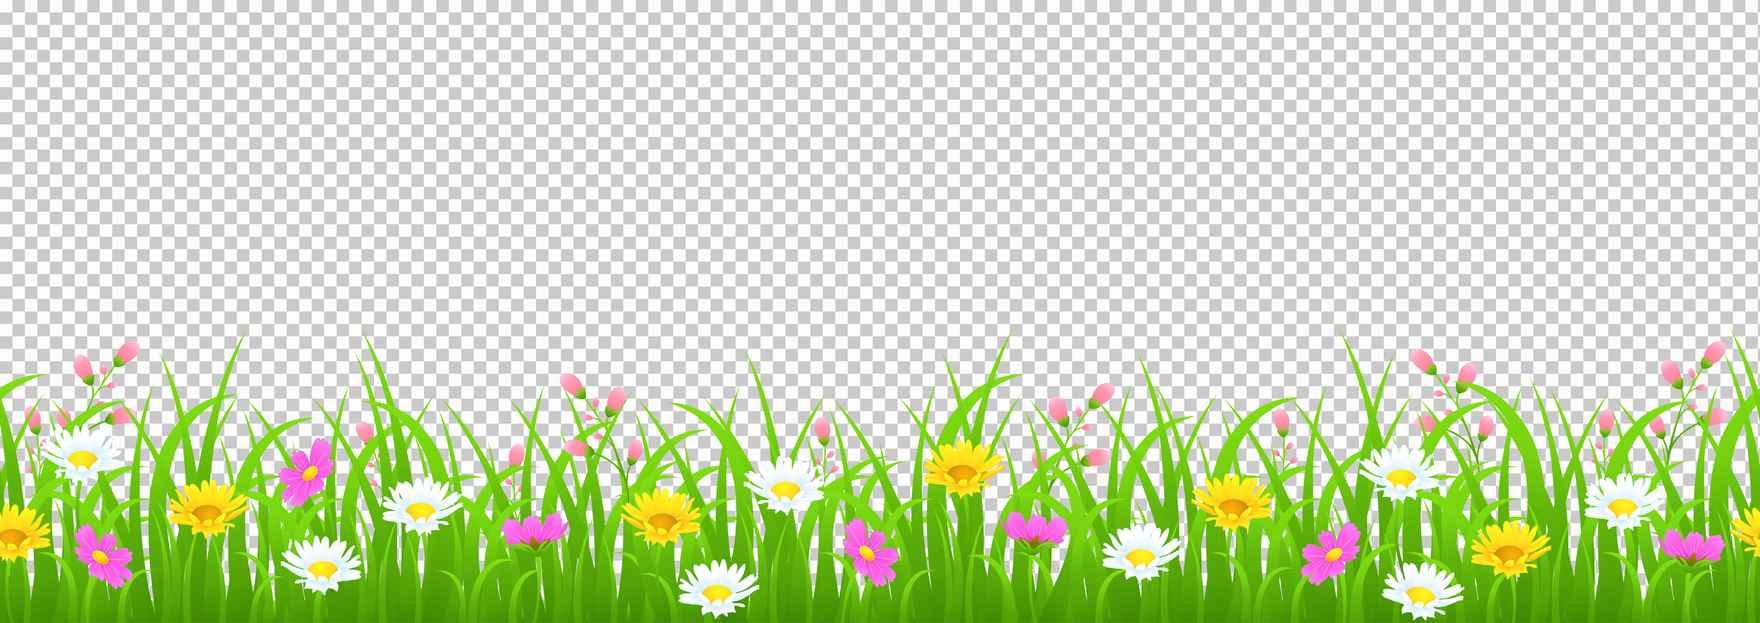 floral.border.3.dreamstime_l_114615932.jpg